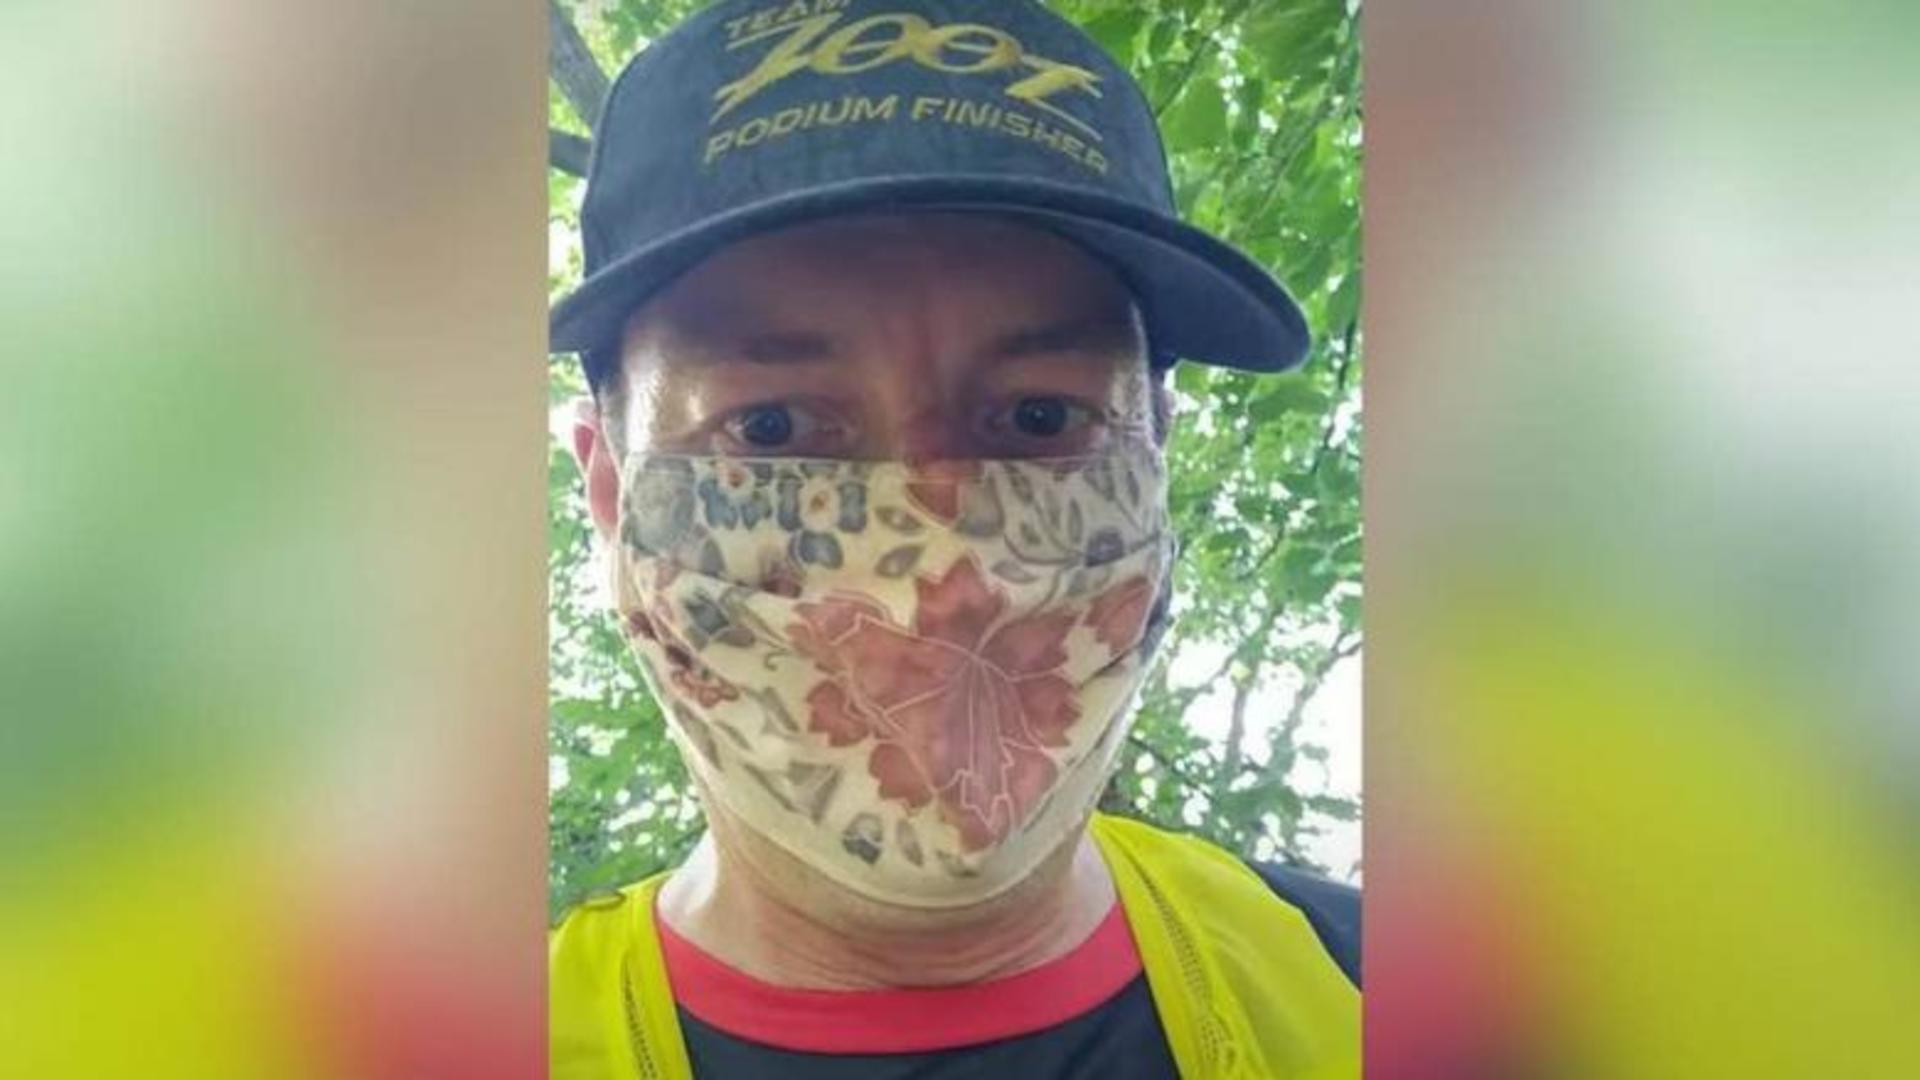 Masca de protecție nu ne afectează! Experimentul unui medic a șocat lumea întreagă